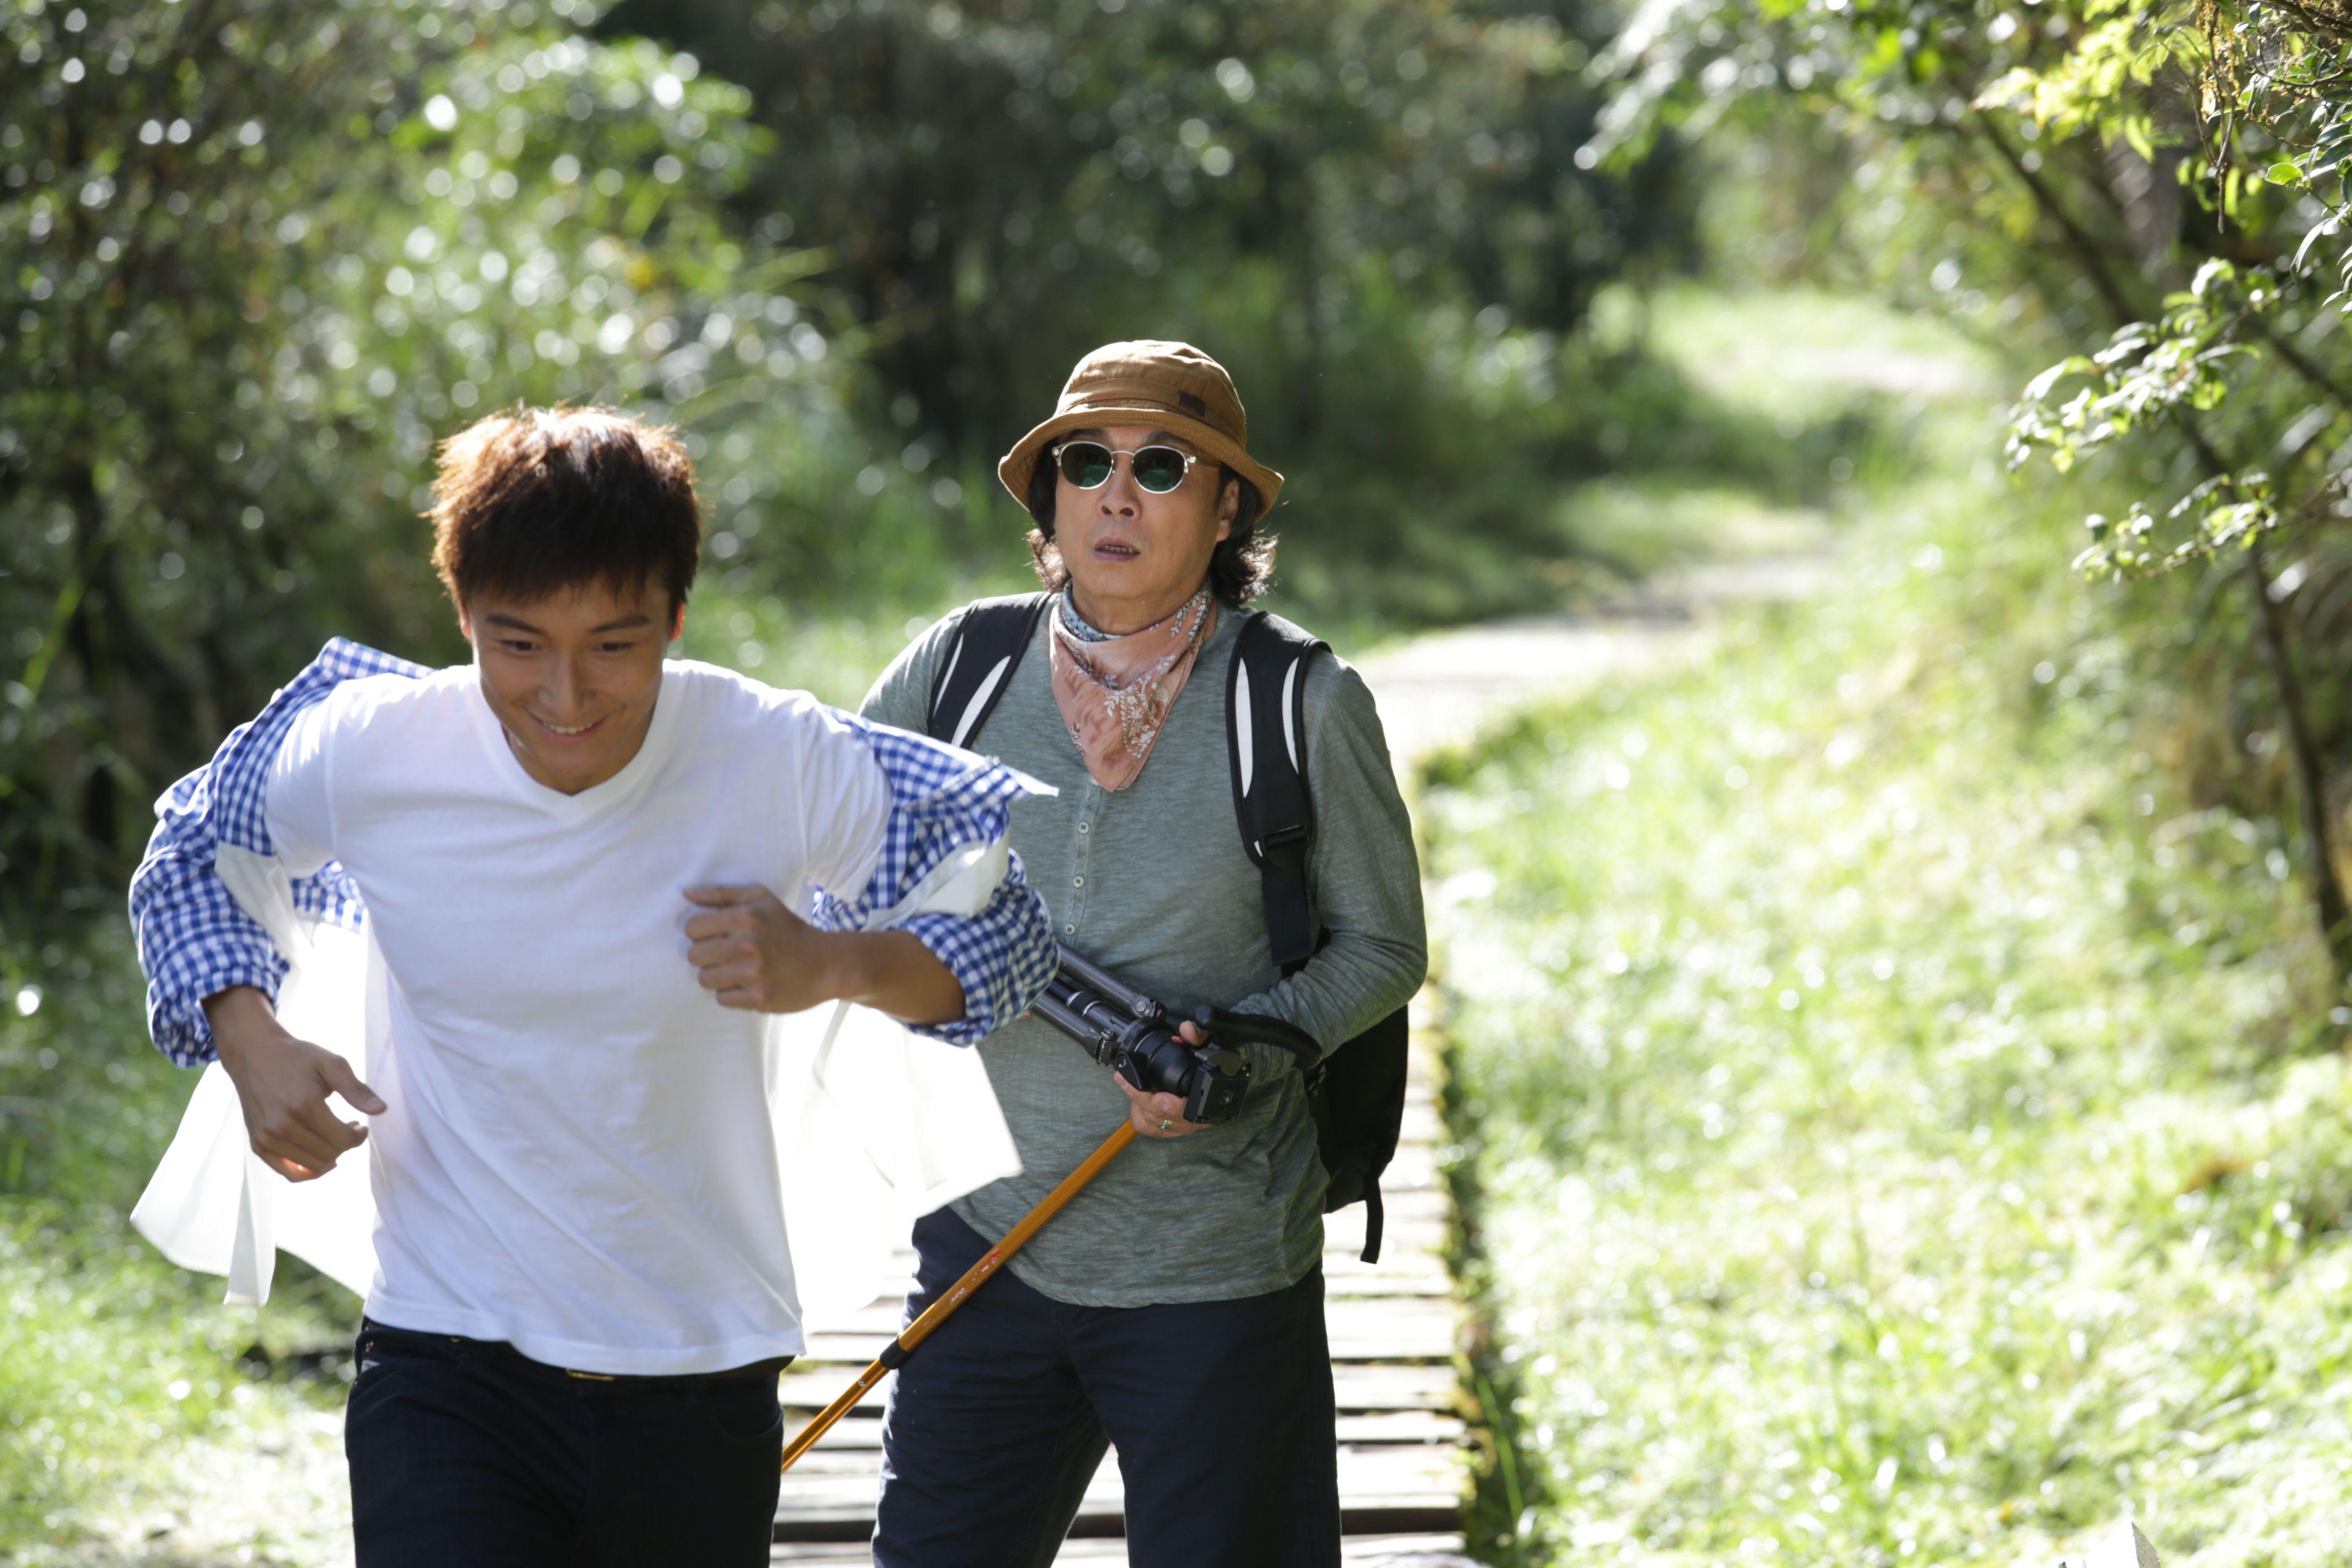 5年前的《華麗轉身》是松哥在TVB拍的最後一套劇,拍劇較辛苦可能之後松哥未必再有體力拍劇。